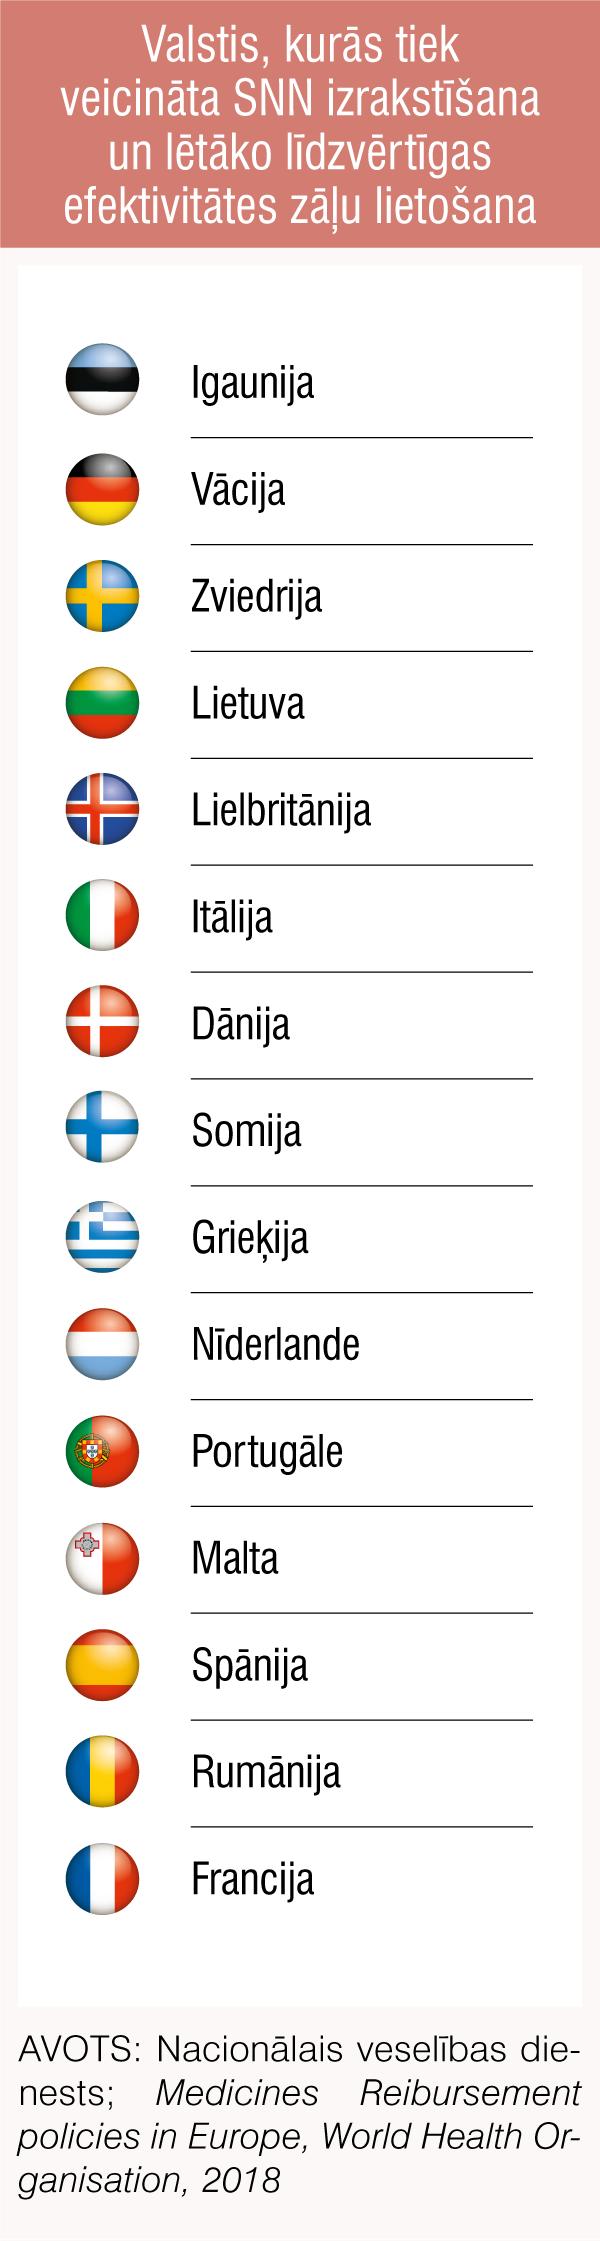 Valstis, kurās tiek veicināta SNN izrakstīšana un lētāko līdzvērtīgas efektivitātes zāļu lietošana